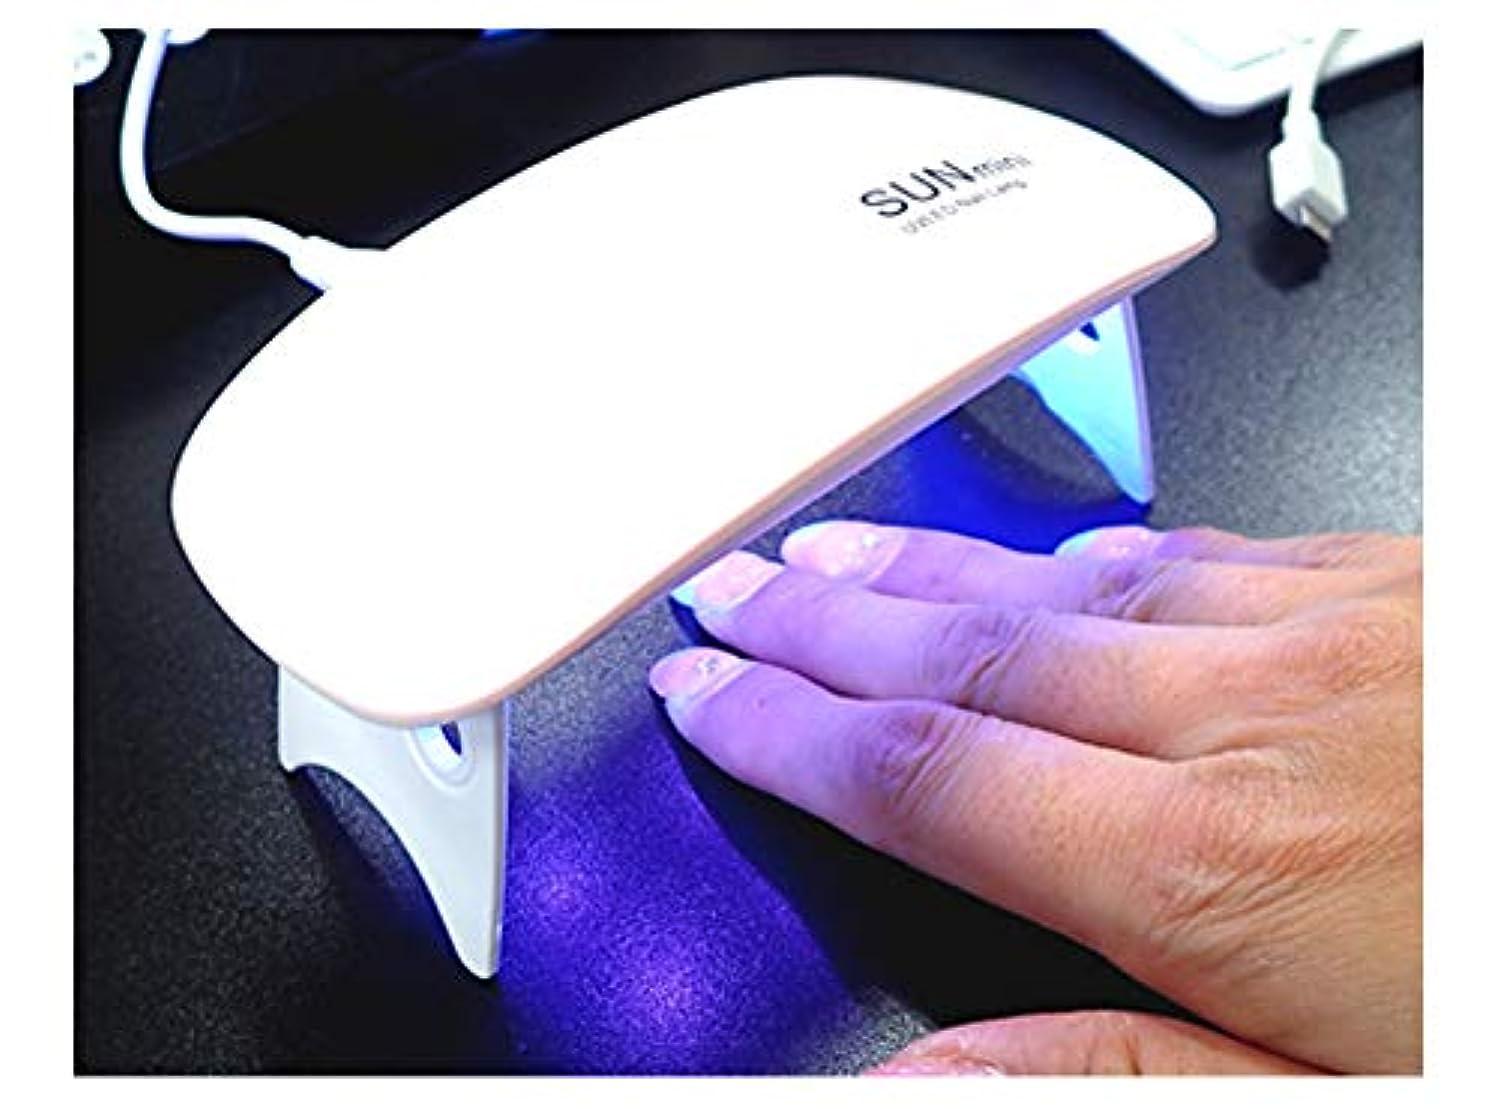 空洞前件リサイクルする最新モデル スリム型ジェルネイルライト レジンクラフトに ジェルネイルに USBコード給電式 UVライト LEDライト 硬化ライト 折りたたみ式 ネイルドライヤー 日本語パッケージ 6ヶ月保証付 (ホワイト)